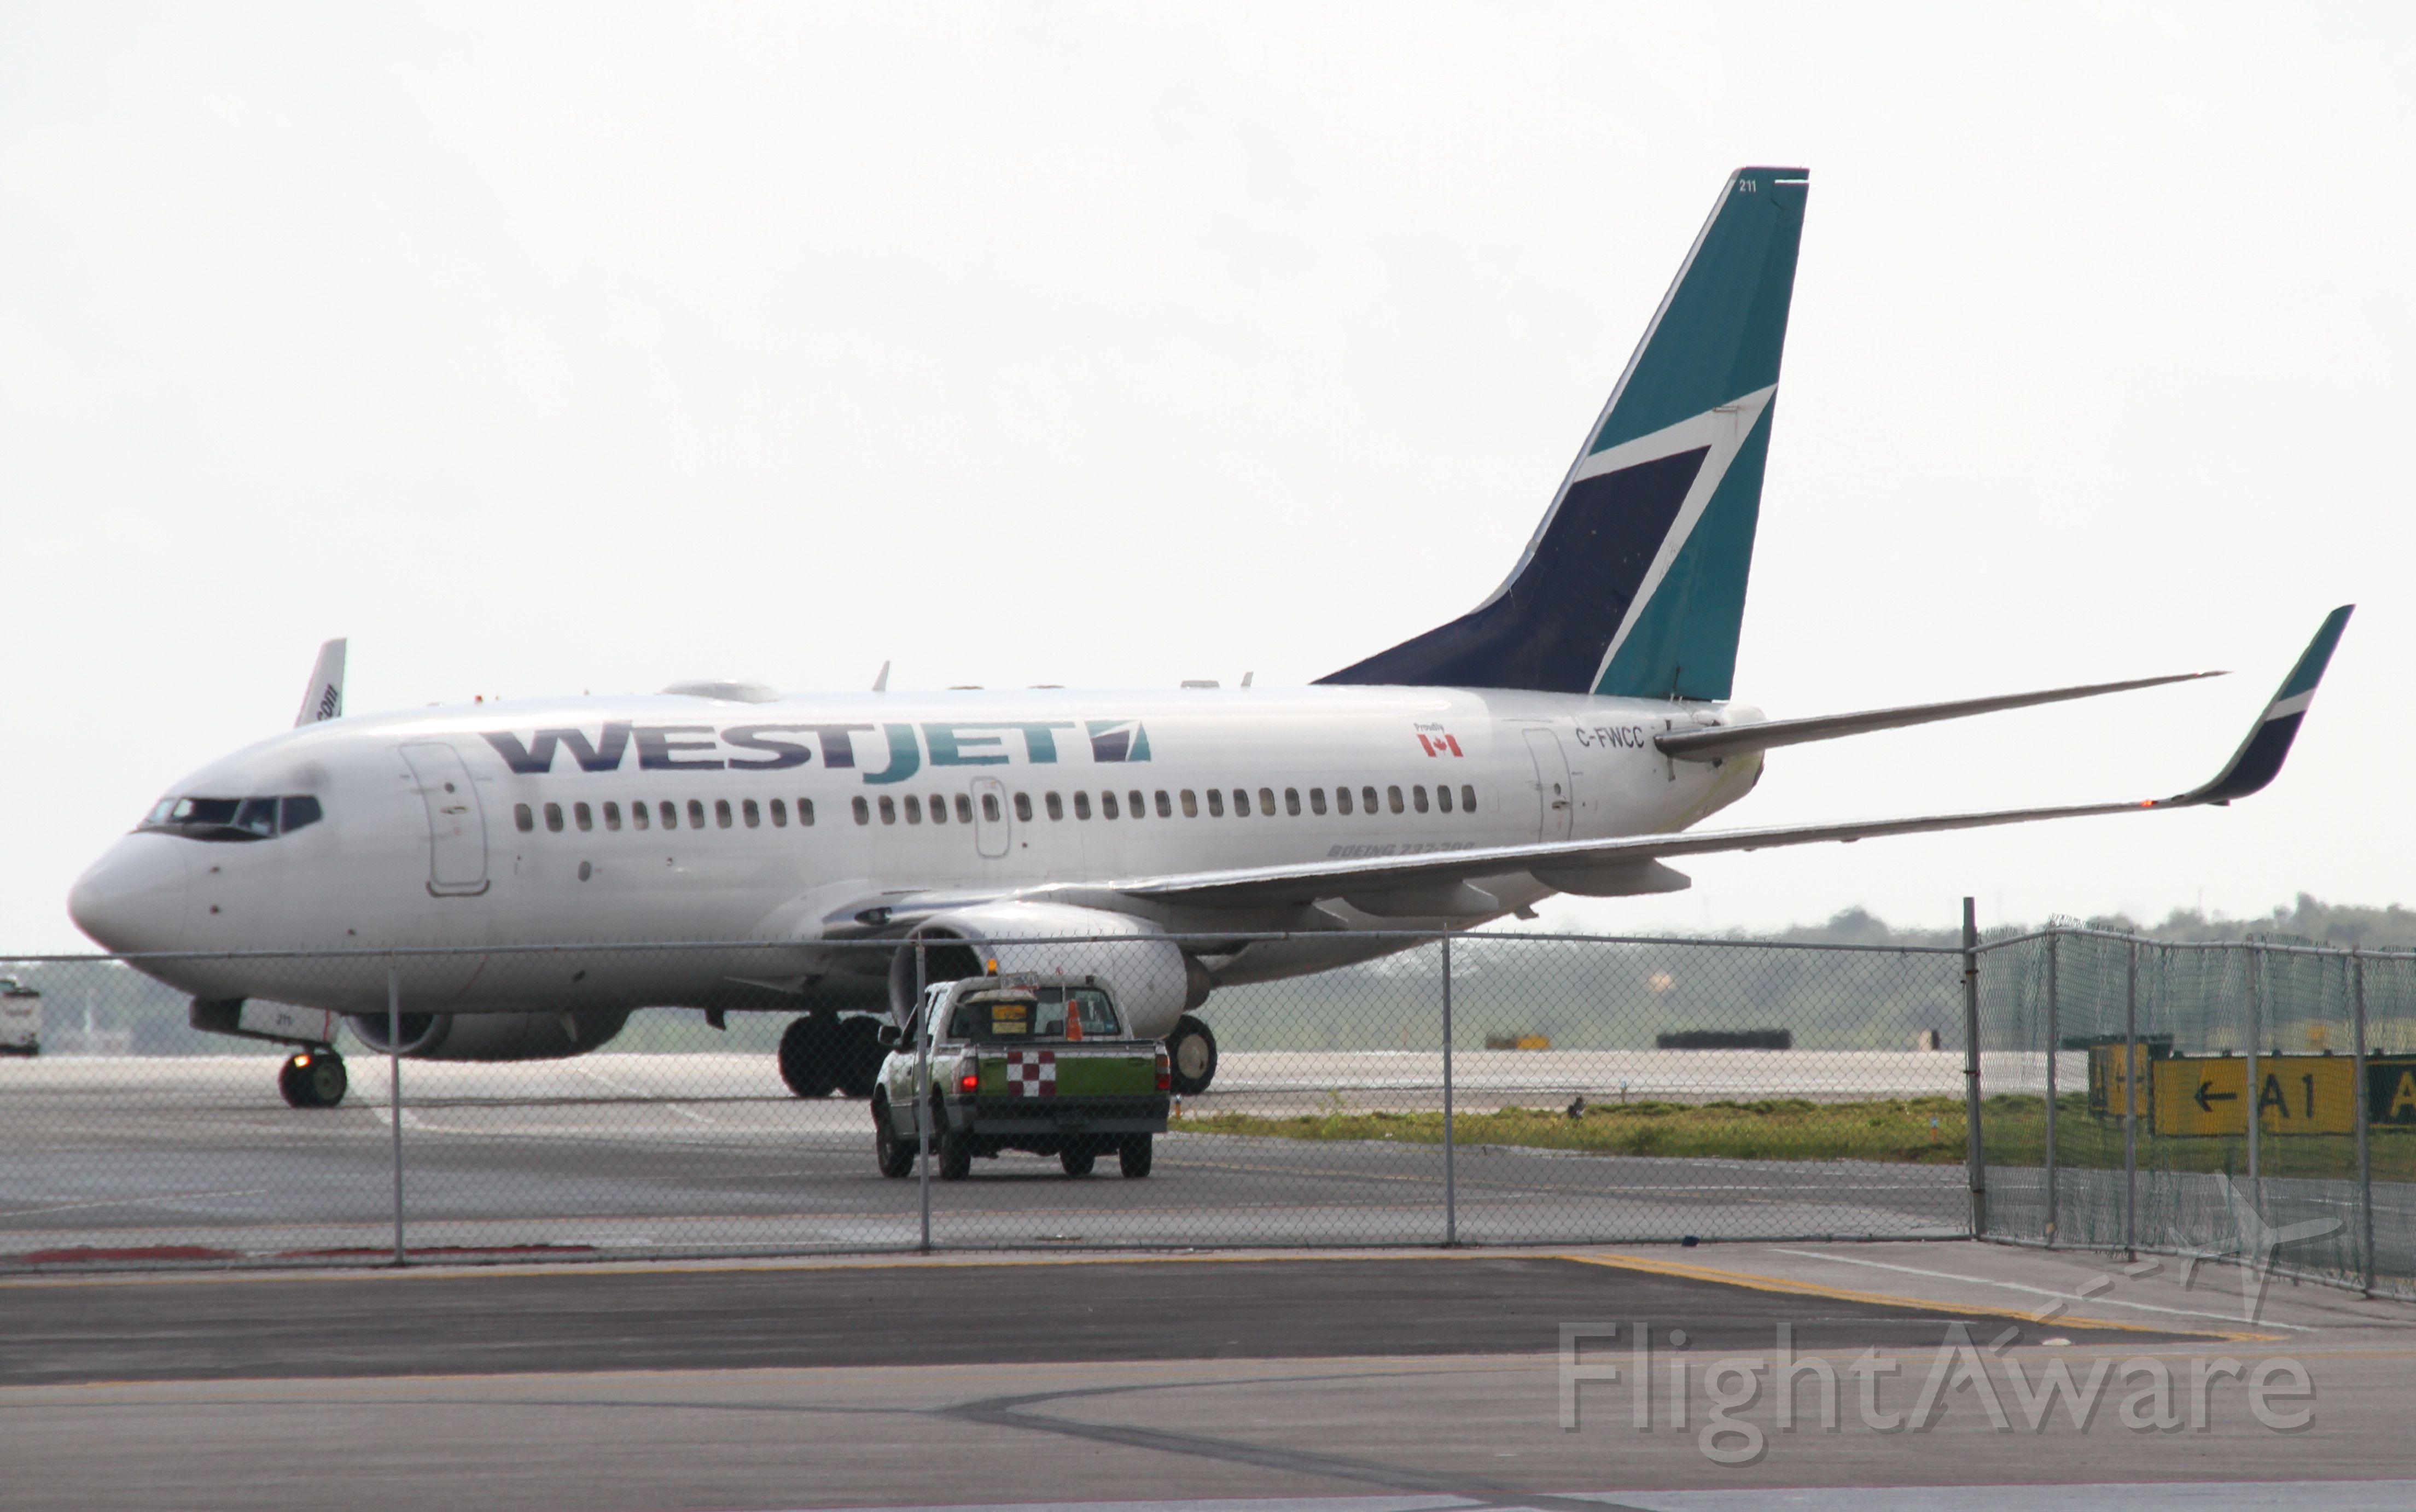 BOEING 737-600 (C-FWCC)